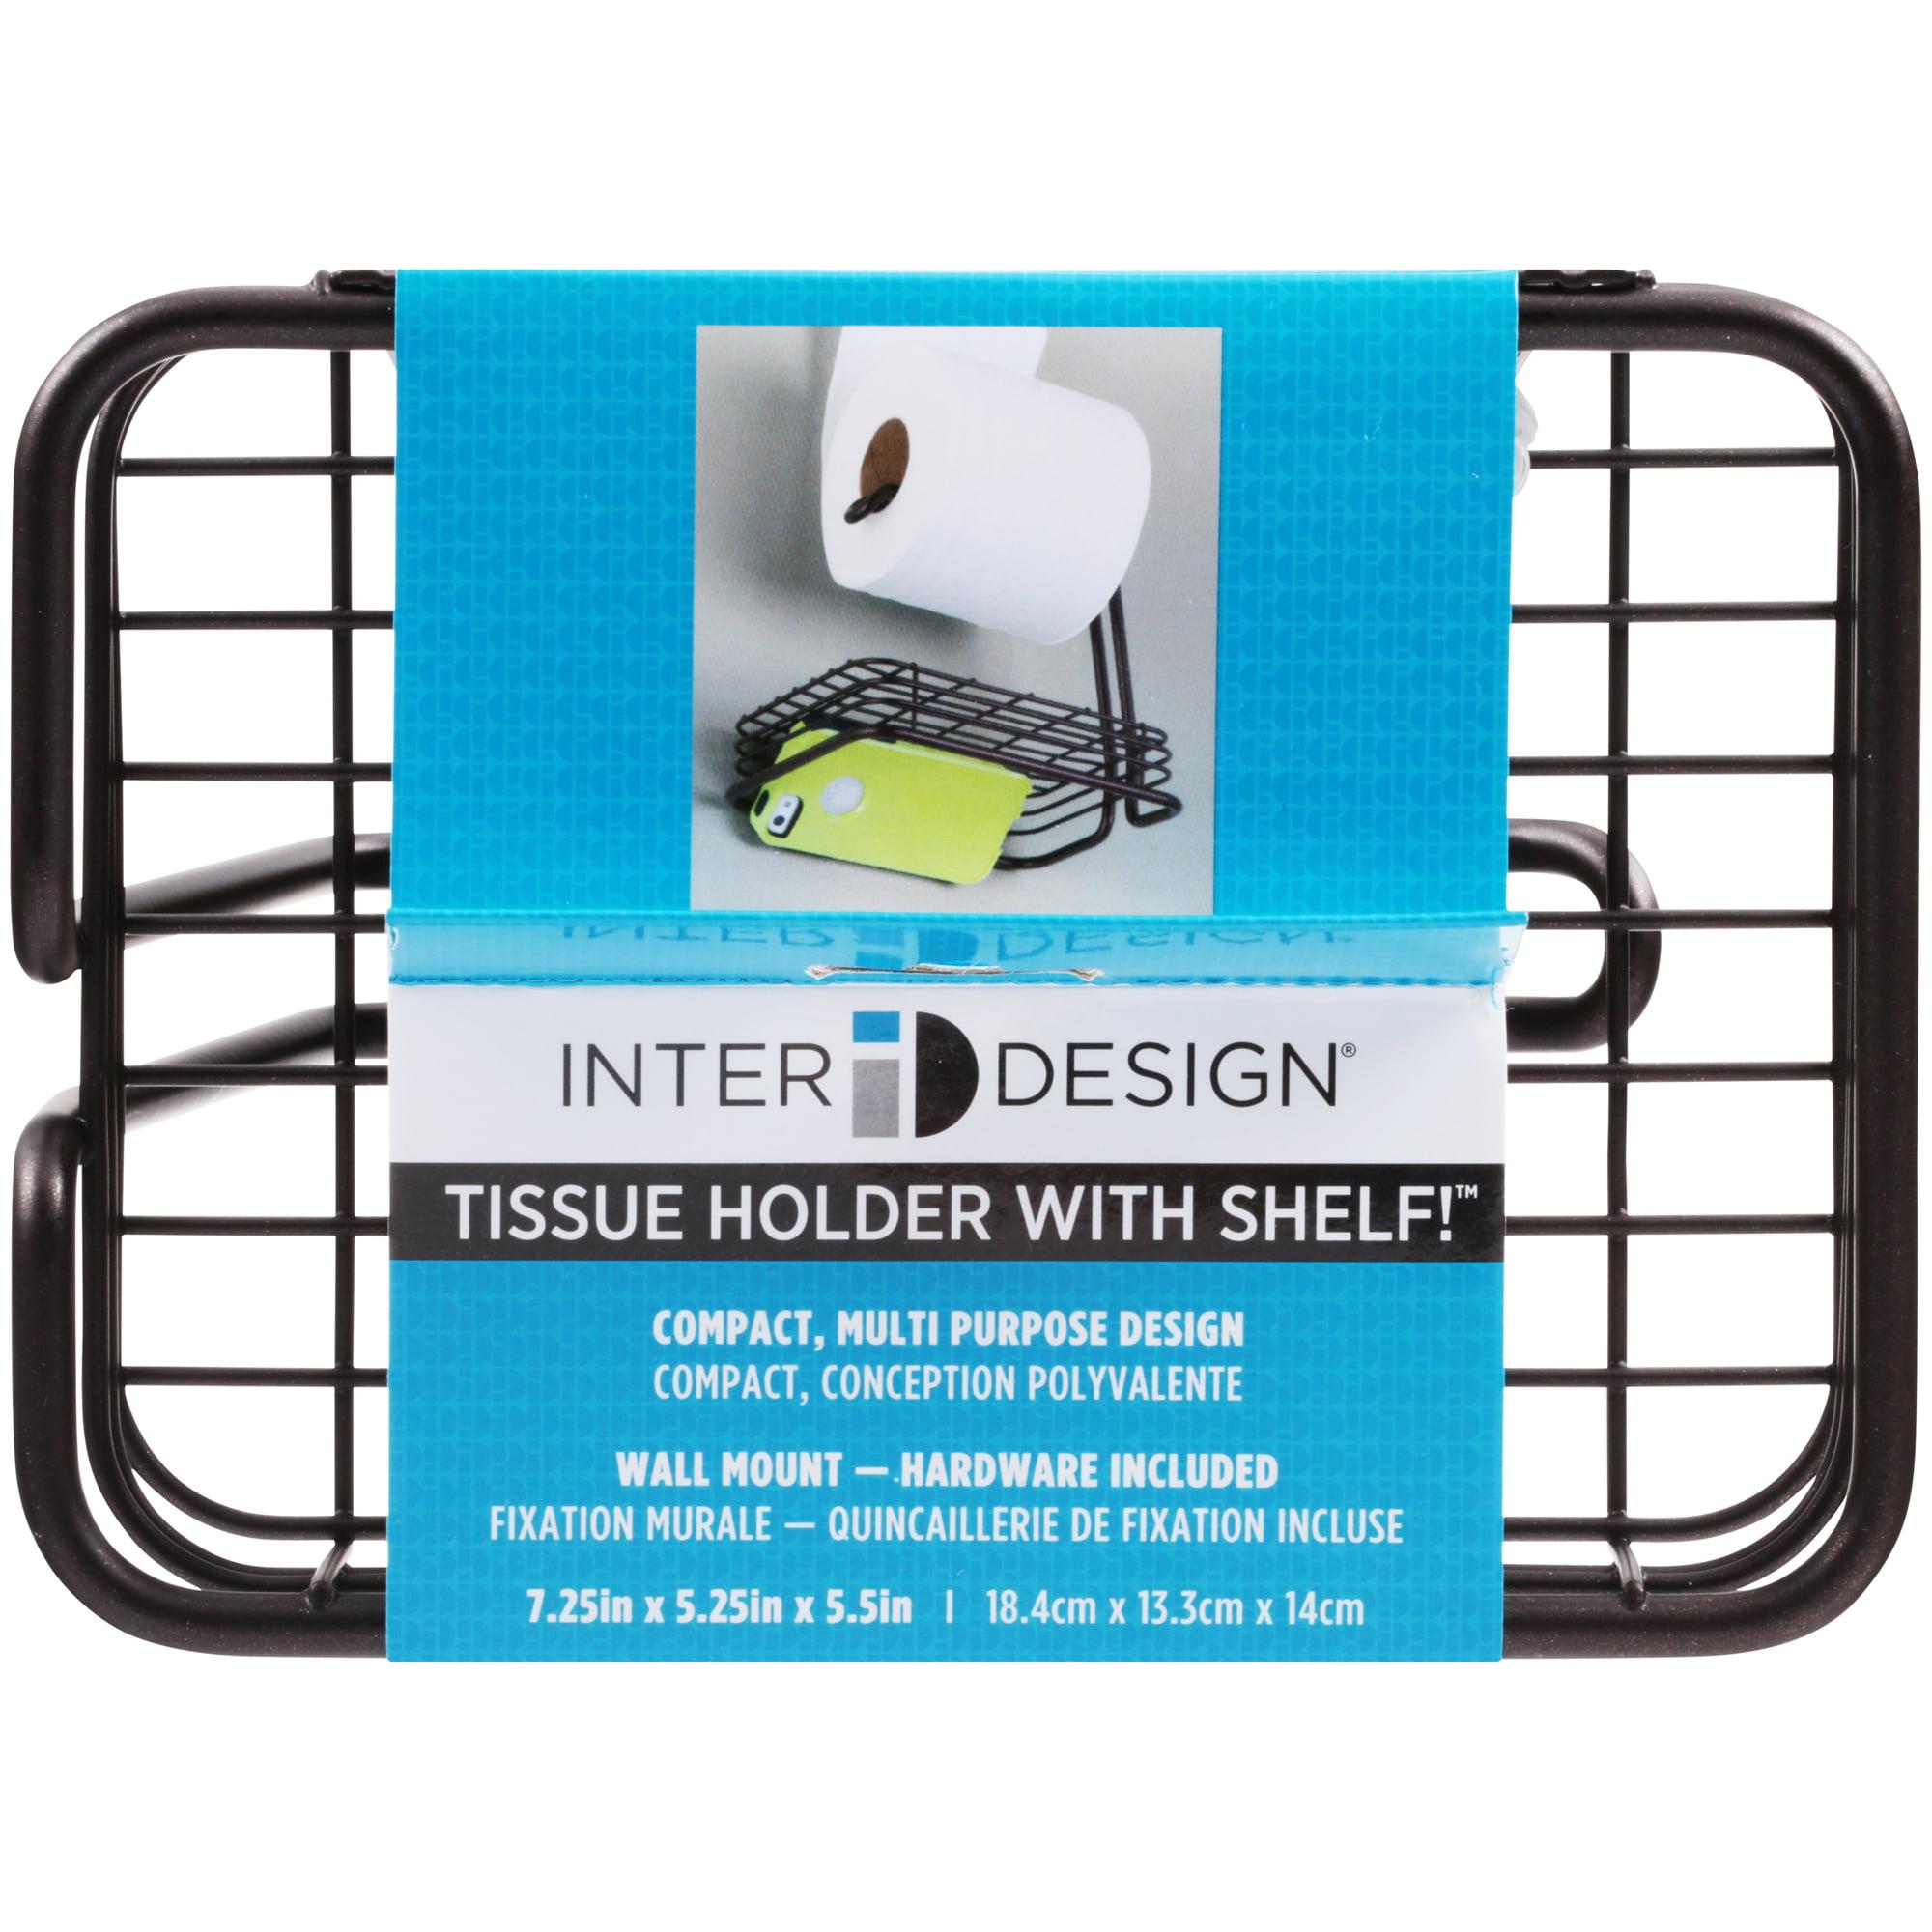 InterDesign Toilet Tissue Holder with Shelf, Wall Mount, Bronze ...